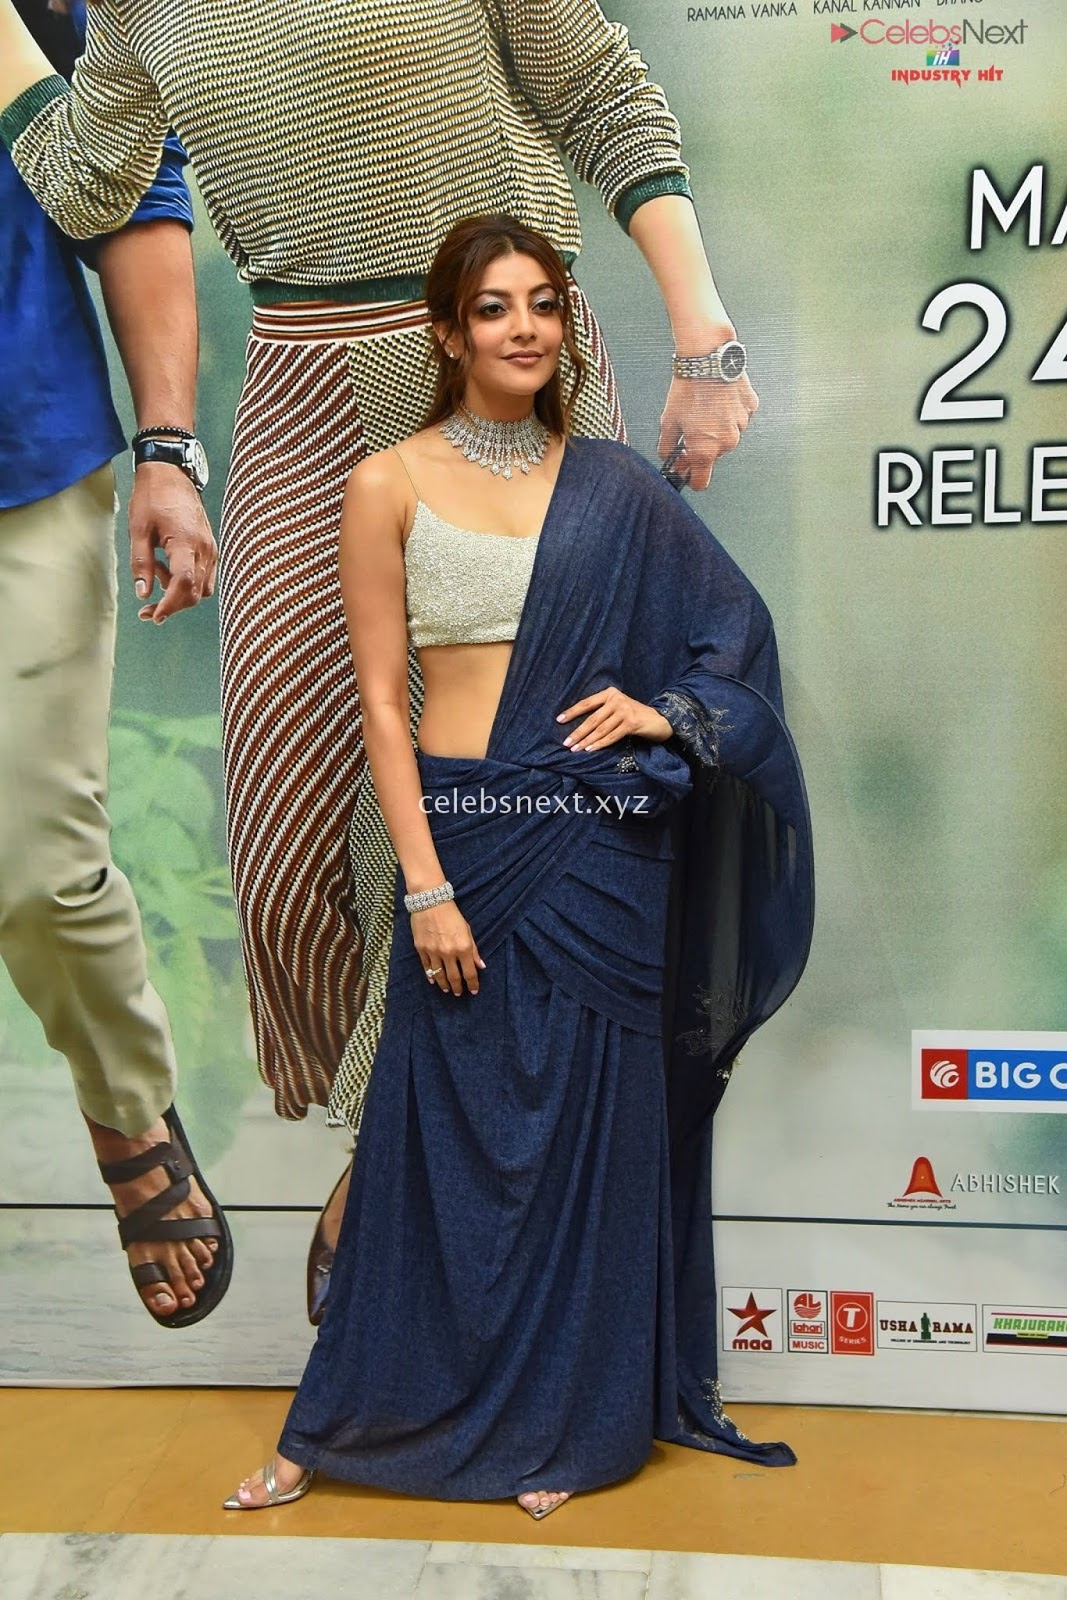 Kajal Agarwal Looks Stunning in a Blue Lehenga Sleeveless Shoulder less Choli